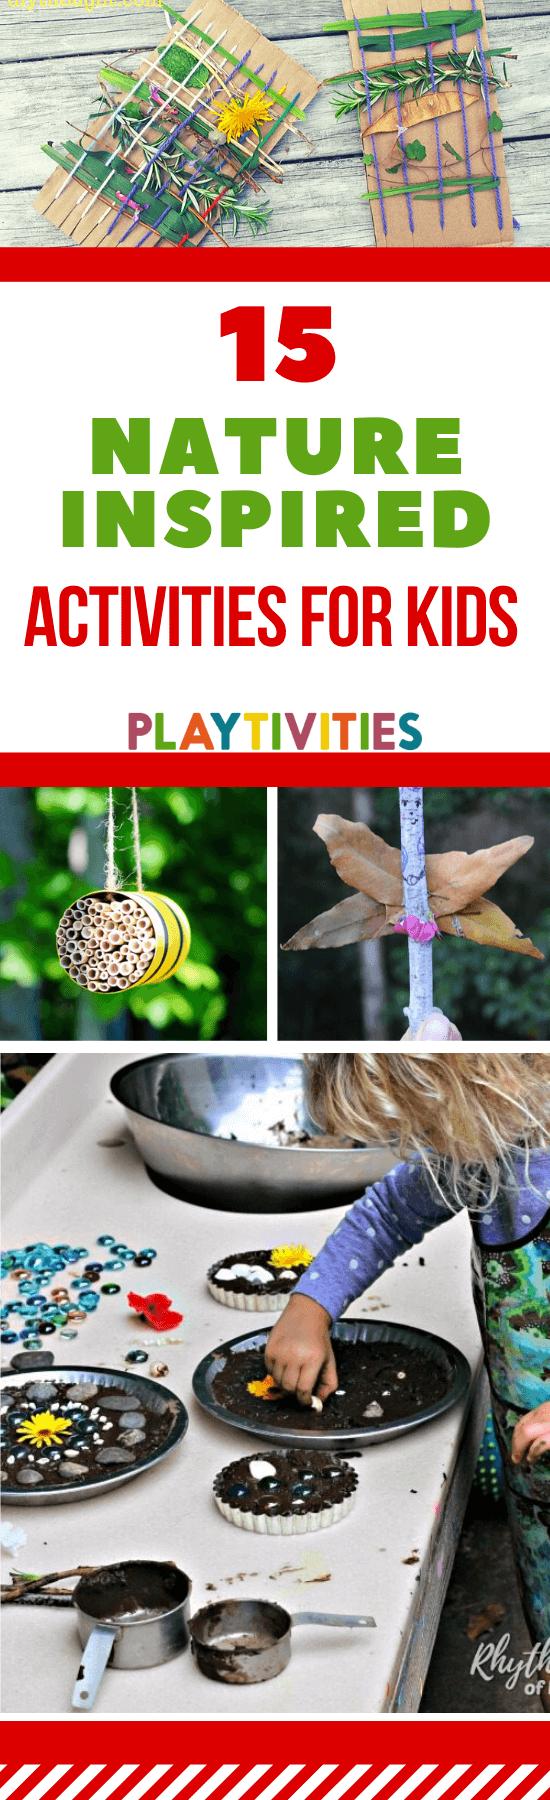 nature inspired activities